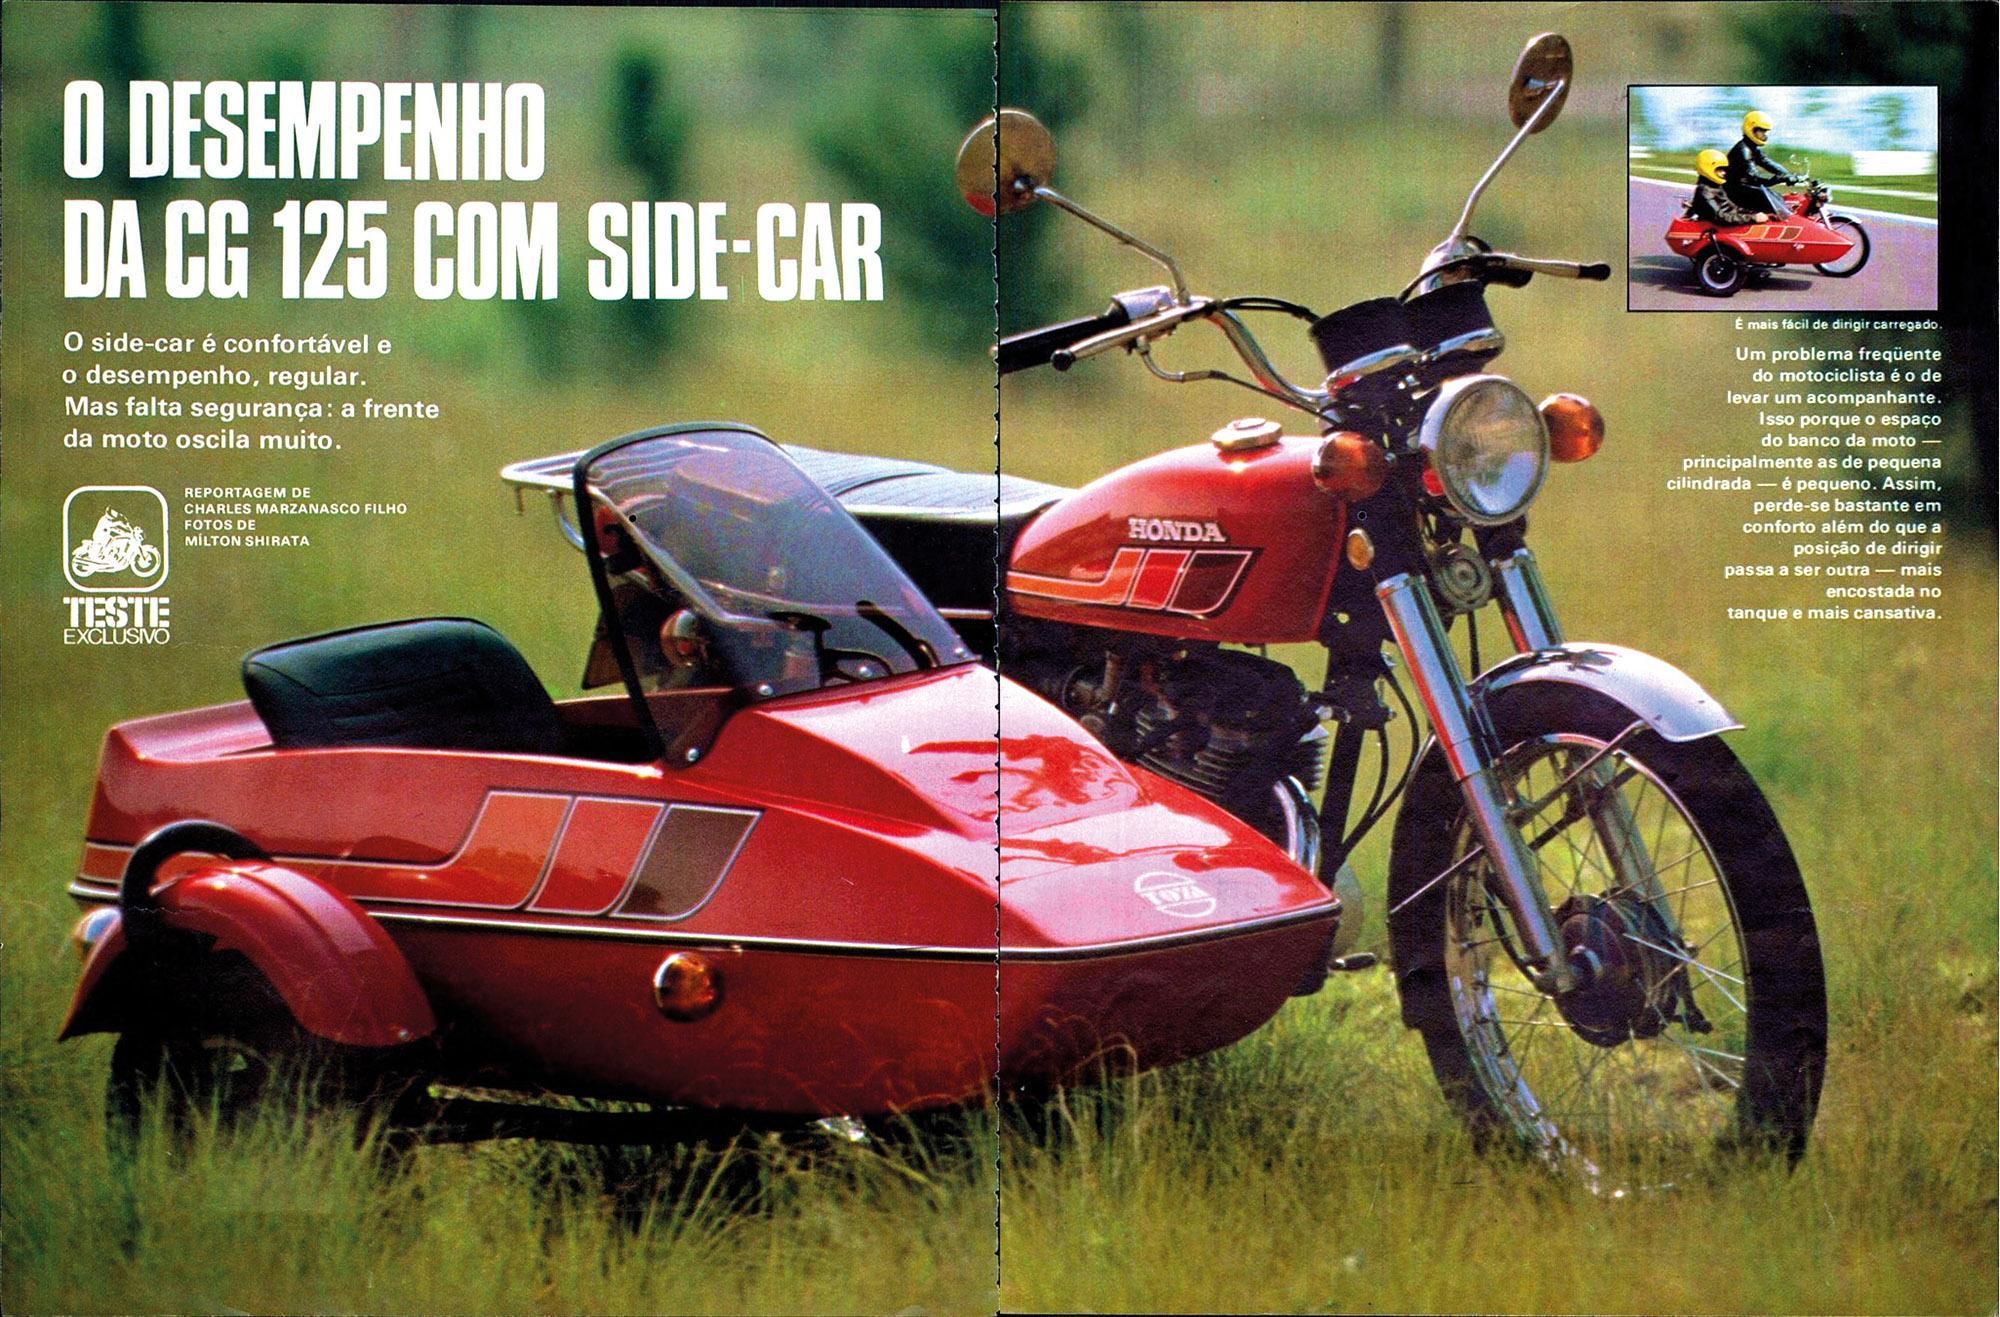 Honda CG sidecar vermelha vista de frente